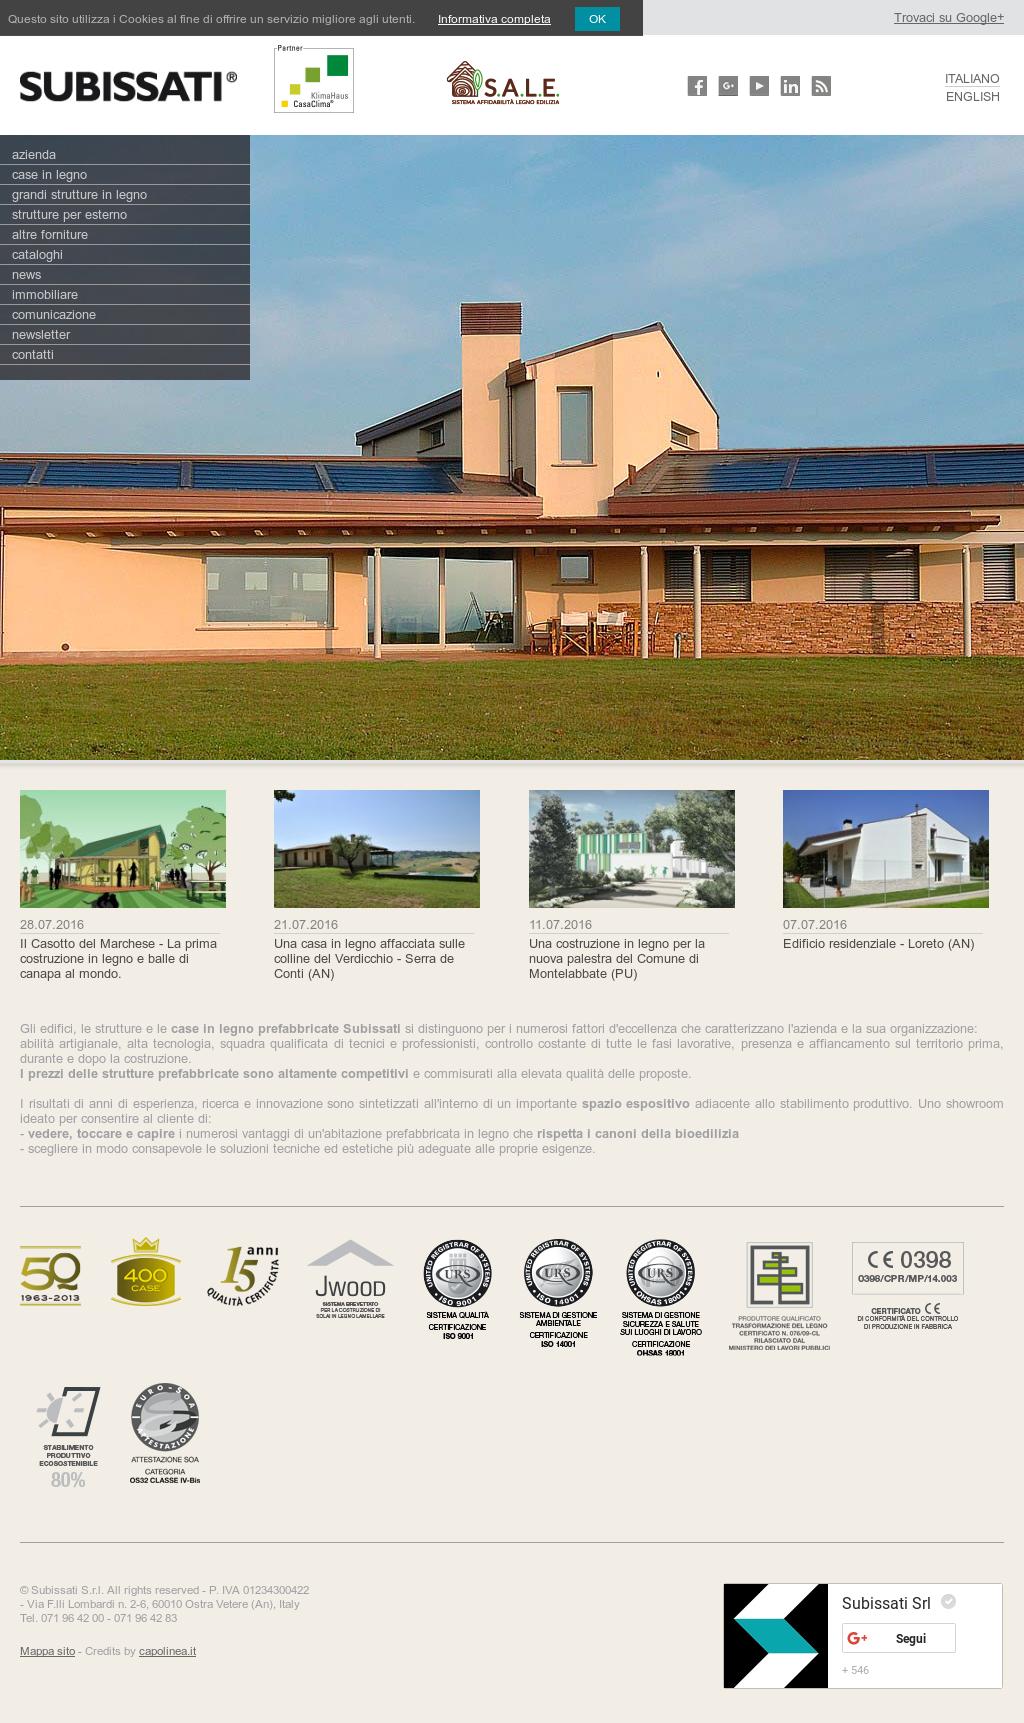 Casa Di Legno Costi subissati srl strutture e case in legno competitors, revenue